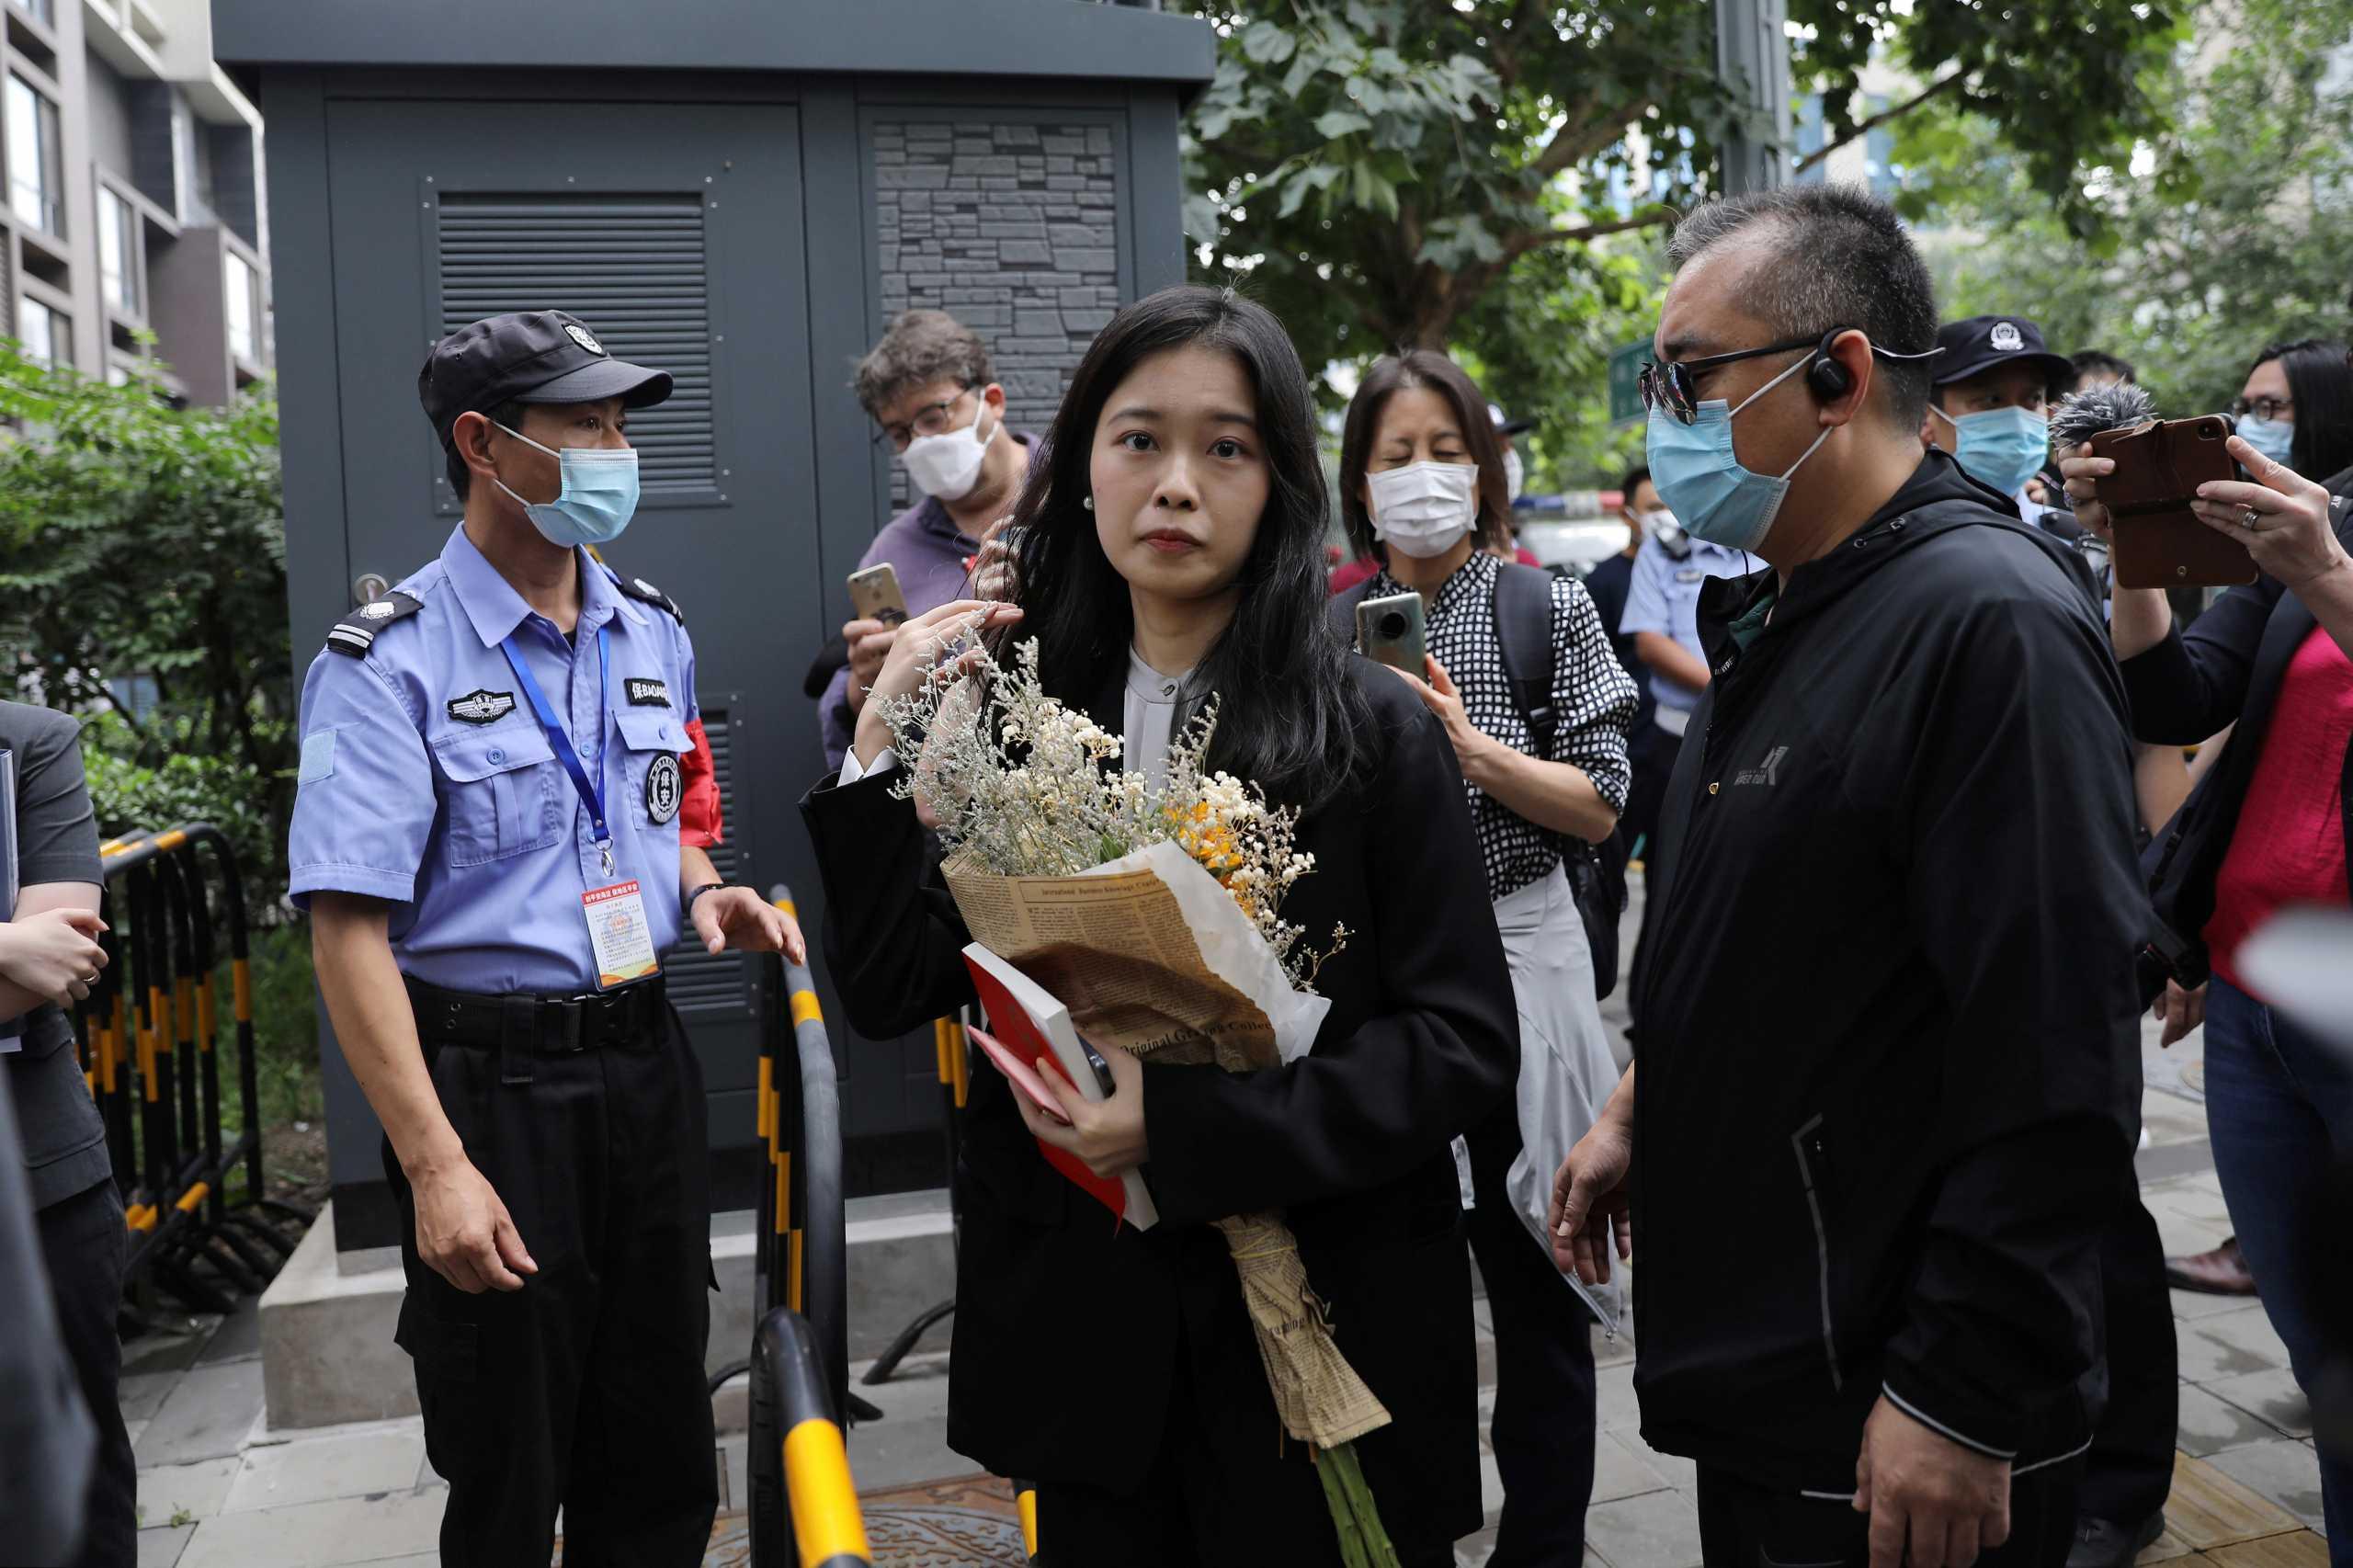 Πλήγμα στο κίνημα #MeToo της Κίνας: Έχασε τη δίκη η καταγγέλλουσα πολύ γνωστής υπόθεσης